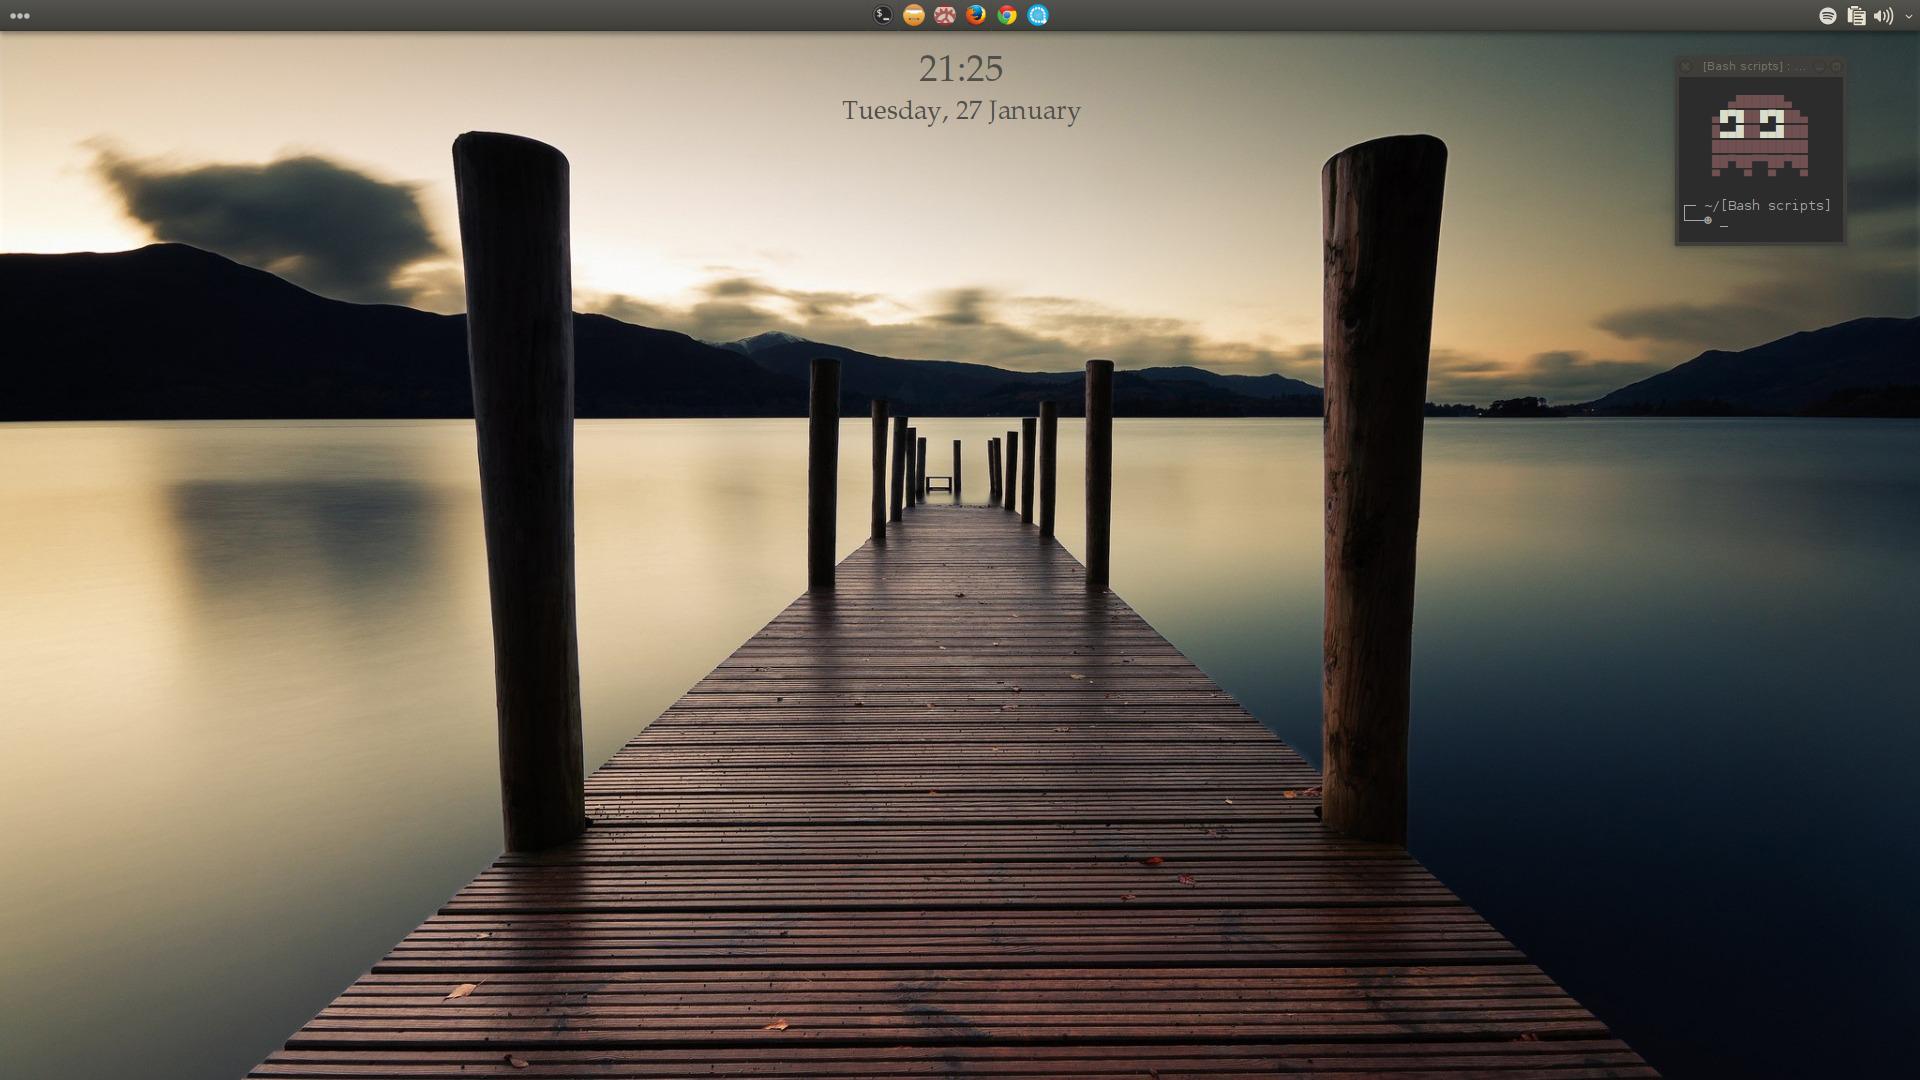 KDE River by xeXpanderx